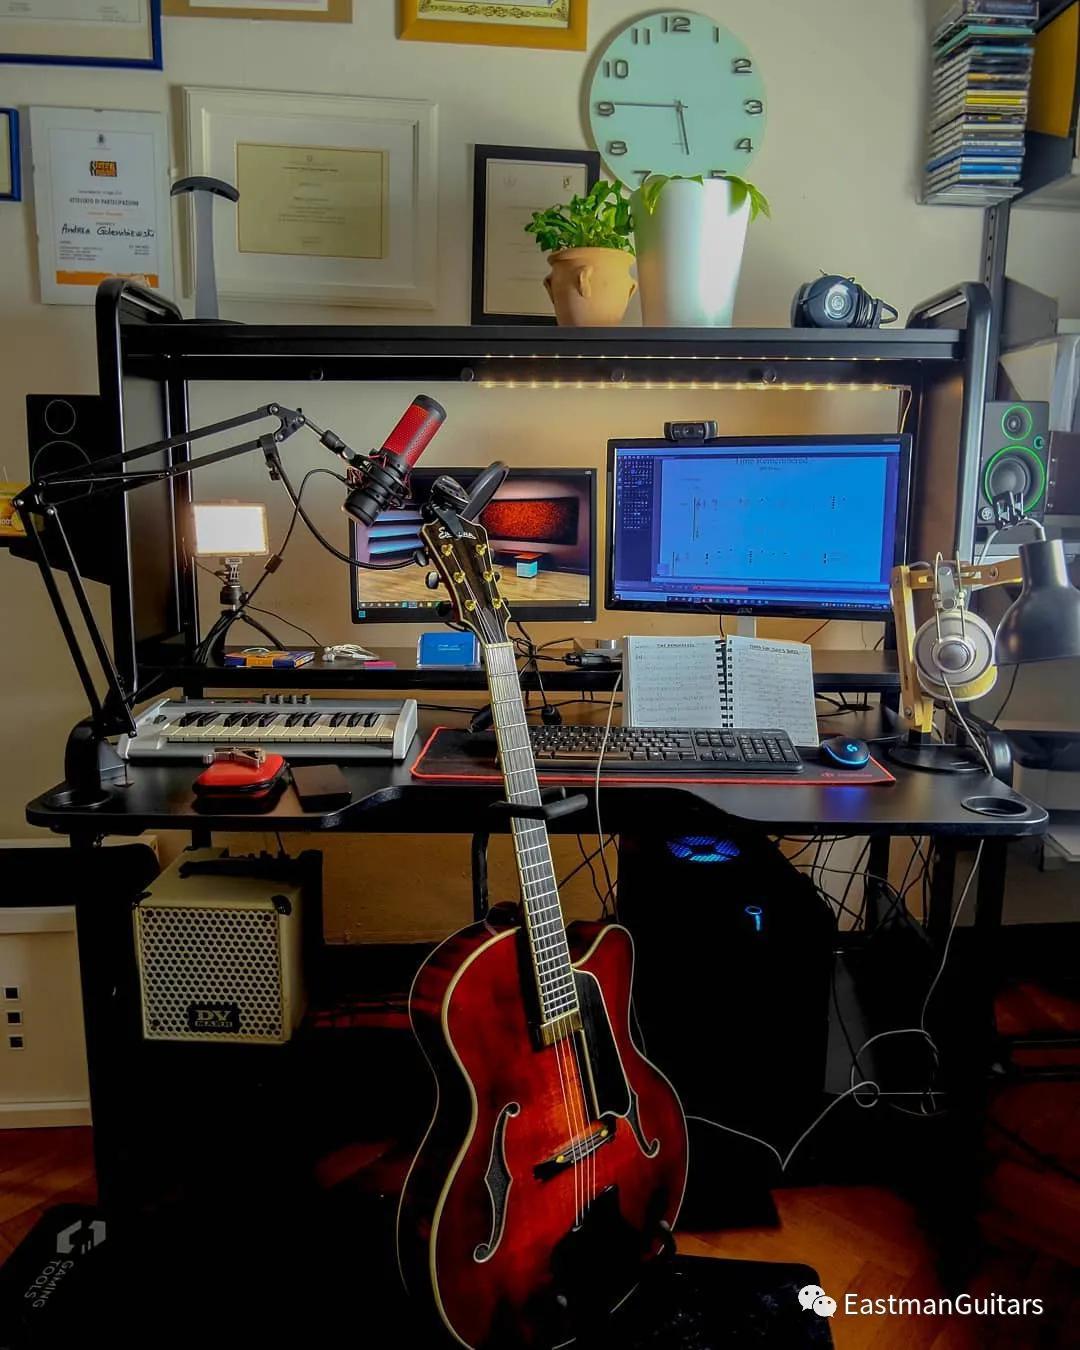 弹奏和弦时,练习运用空出来的手指加音符创造旋律_吉他达人网